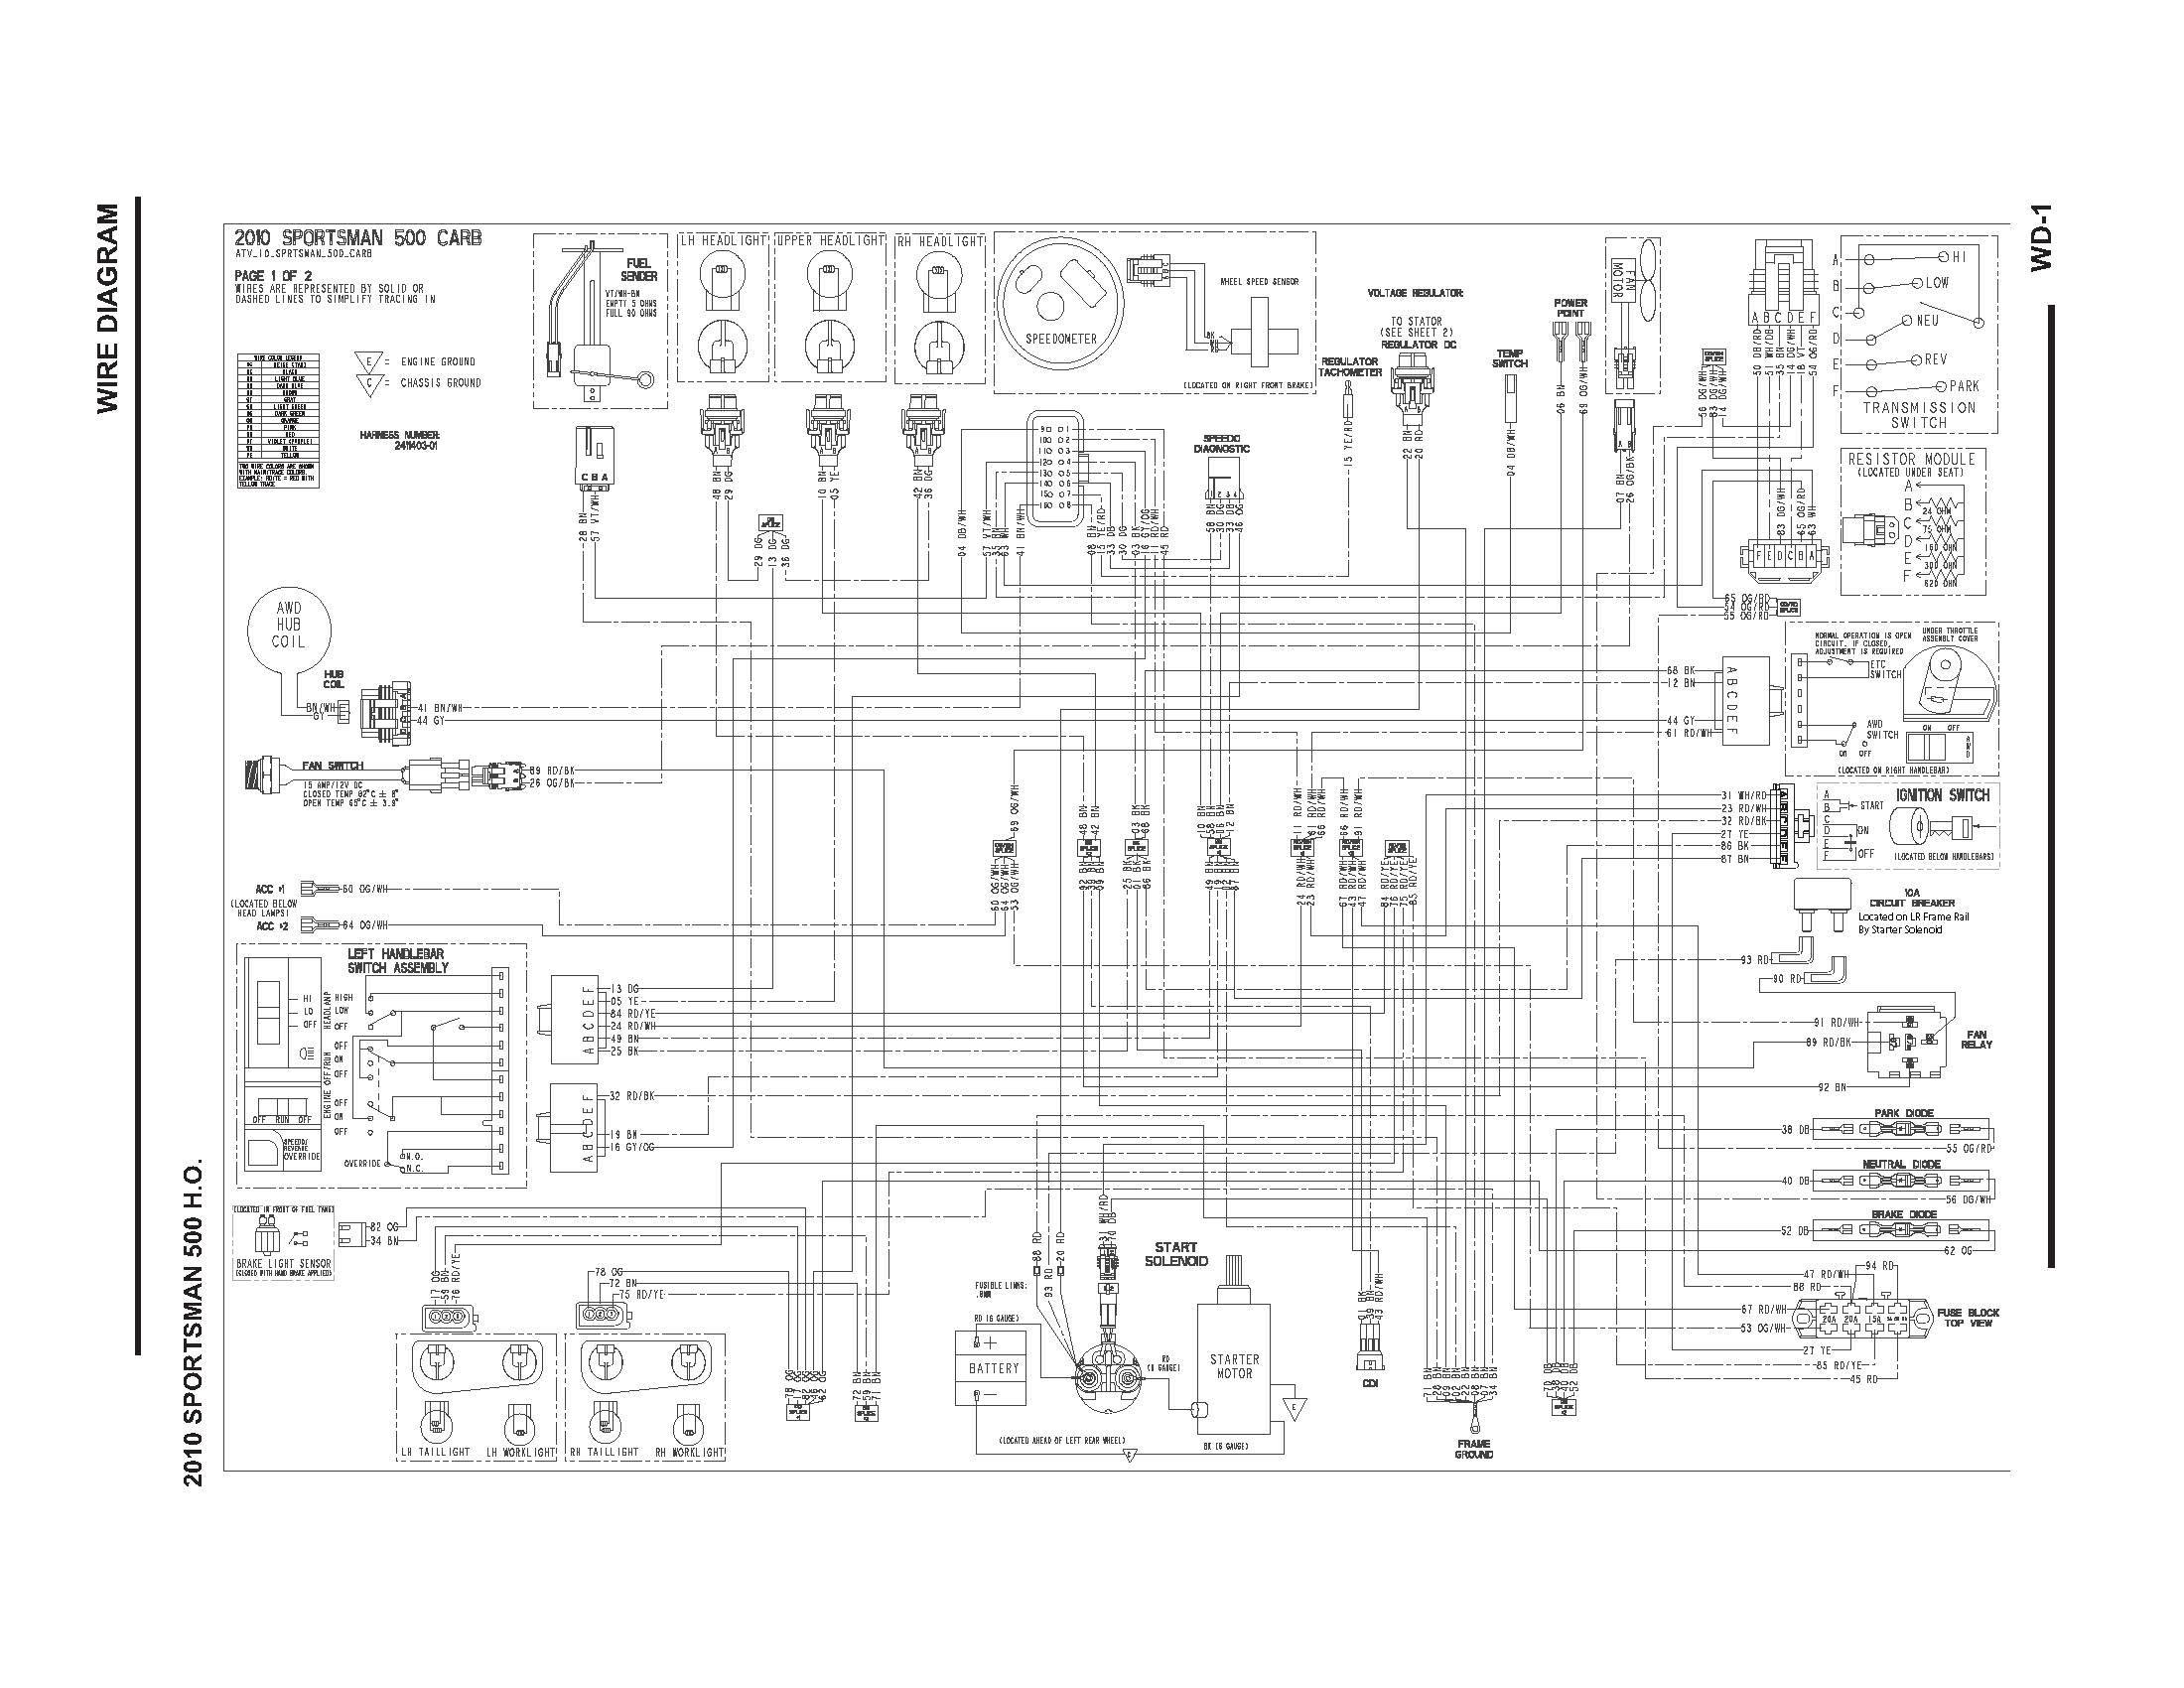 2010 polaris sportsman 500 wiring diagram ow 4298  polaris sportsman 500 wiring diagram on wiring diagram  polaris sportsman 500 wiring diagram on